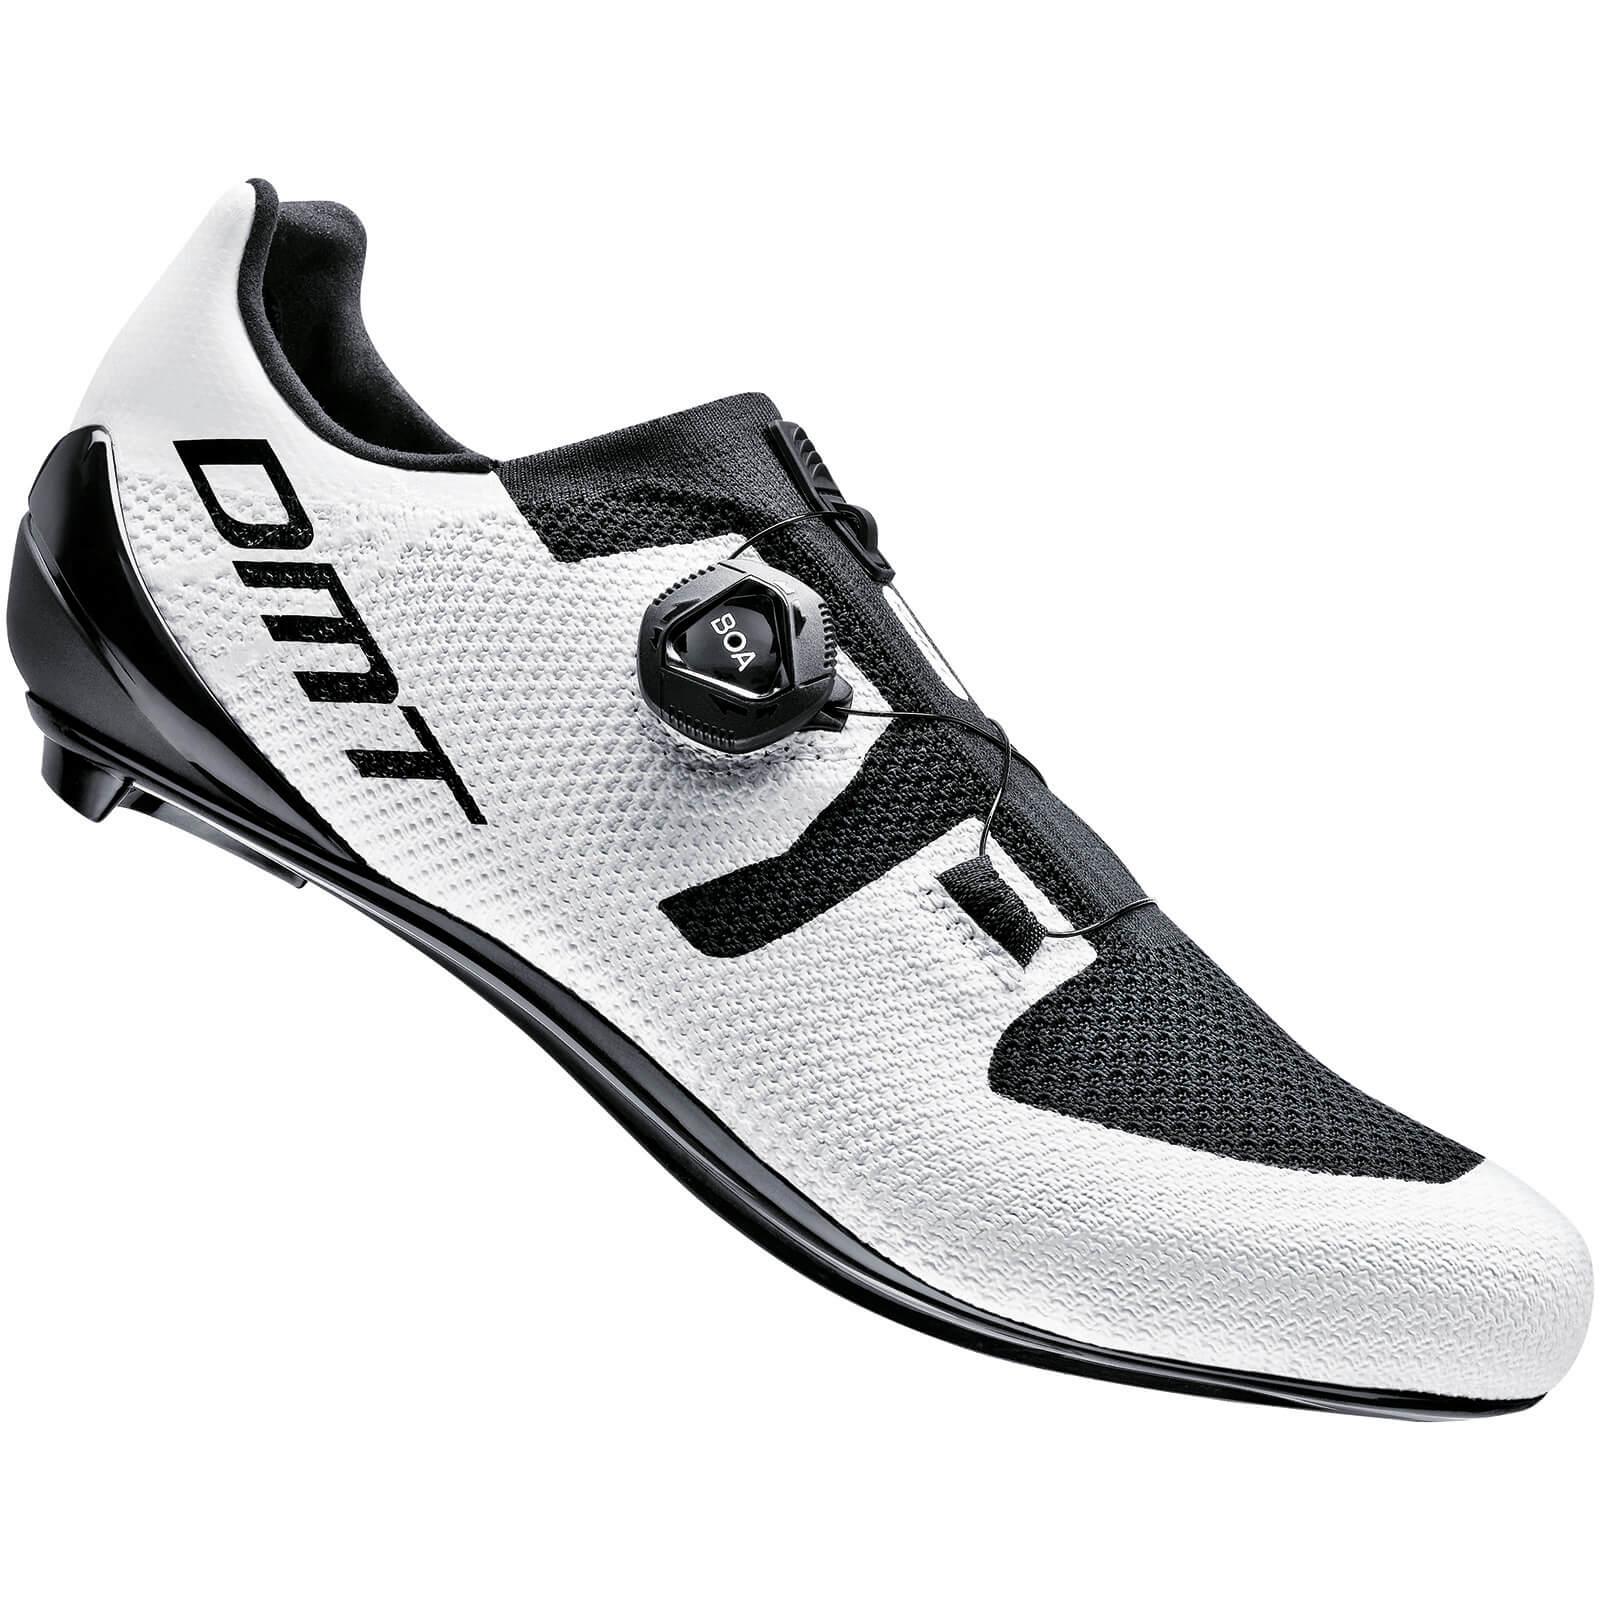 DMT KR3 Road Shoes - EU 43 - White/Black